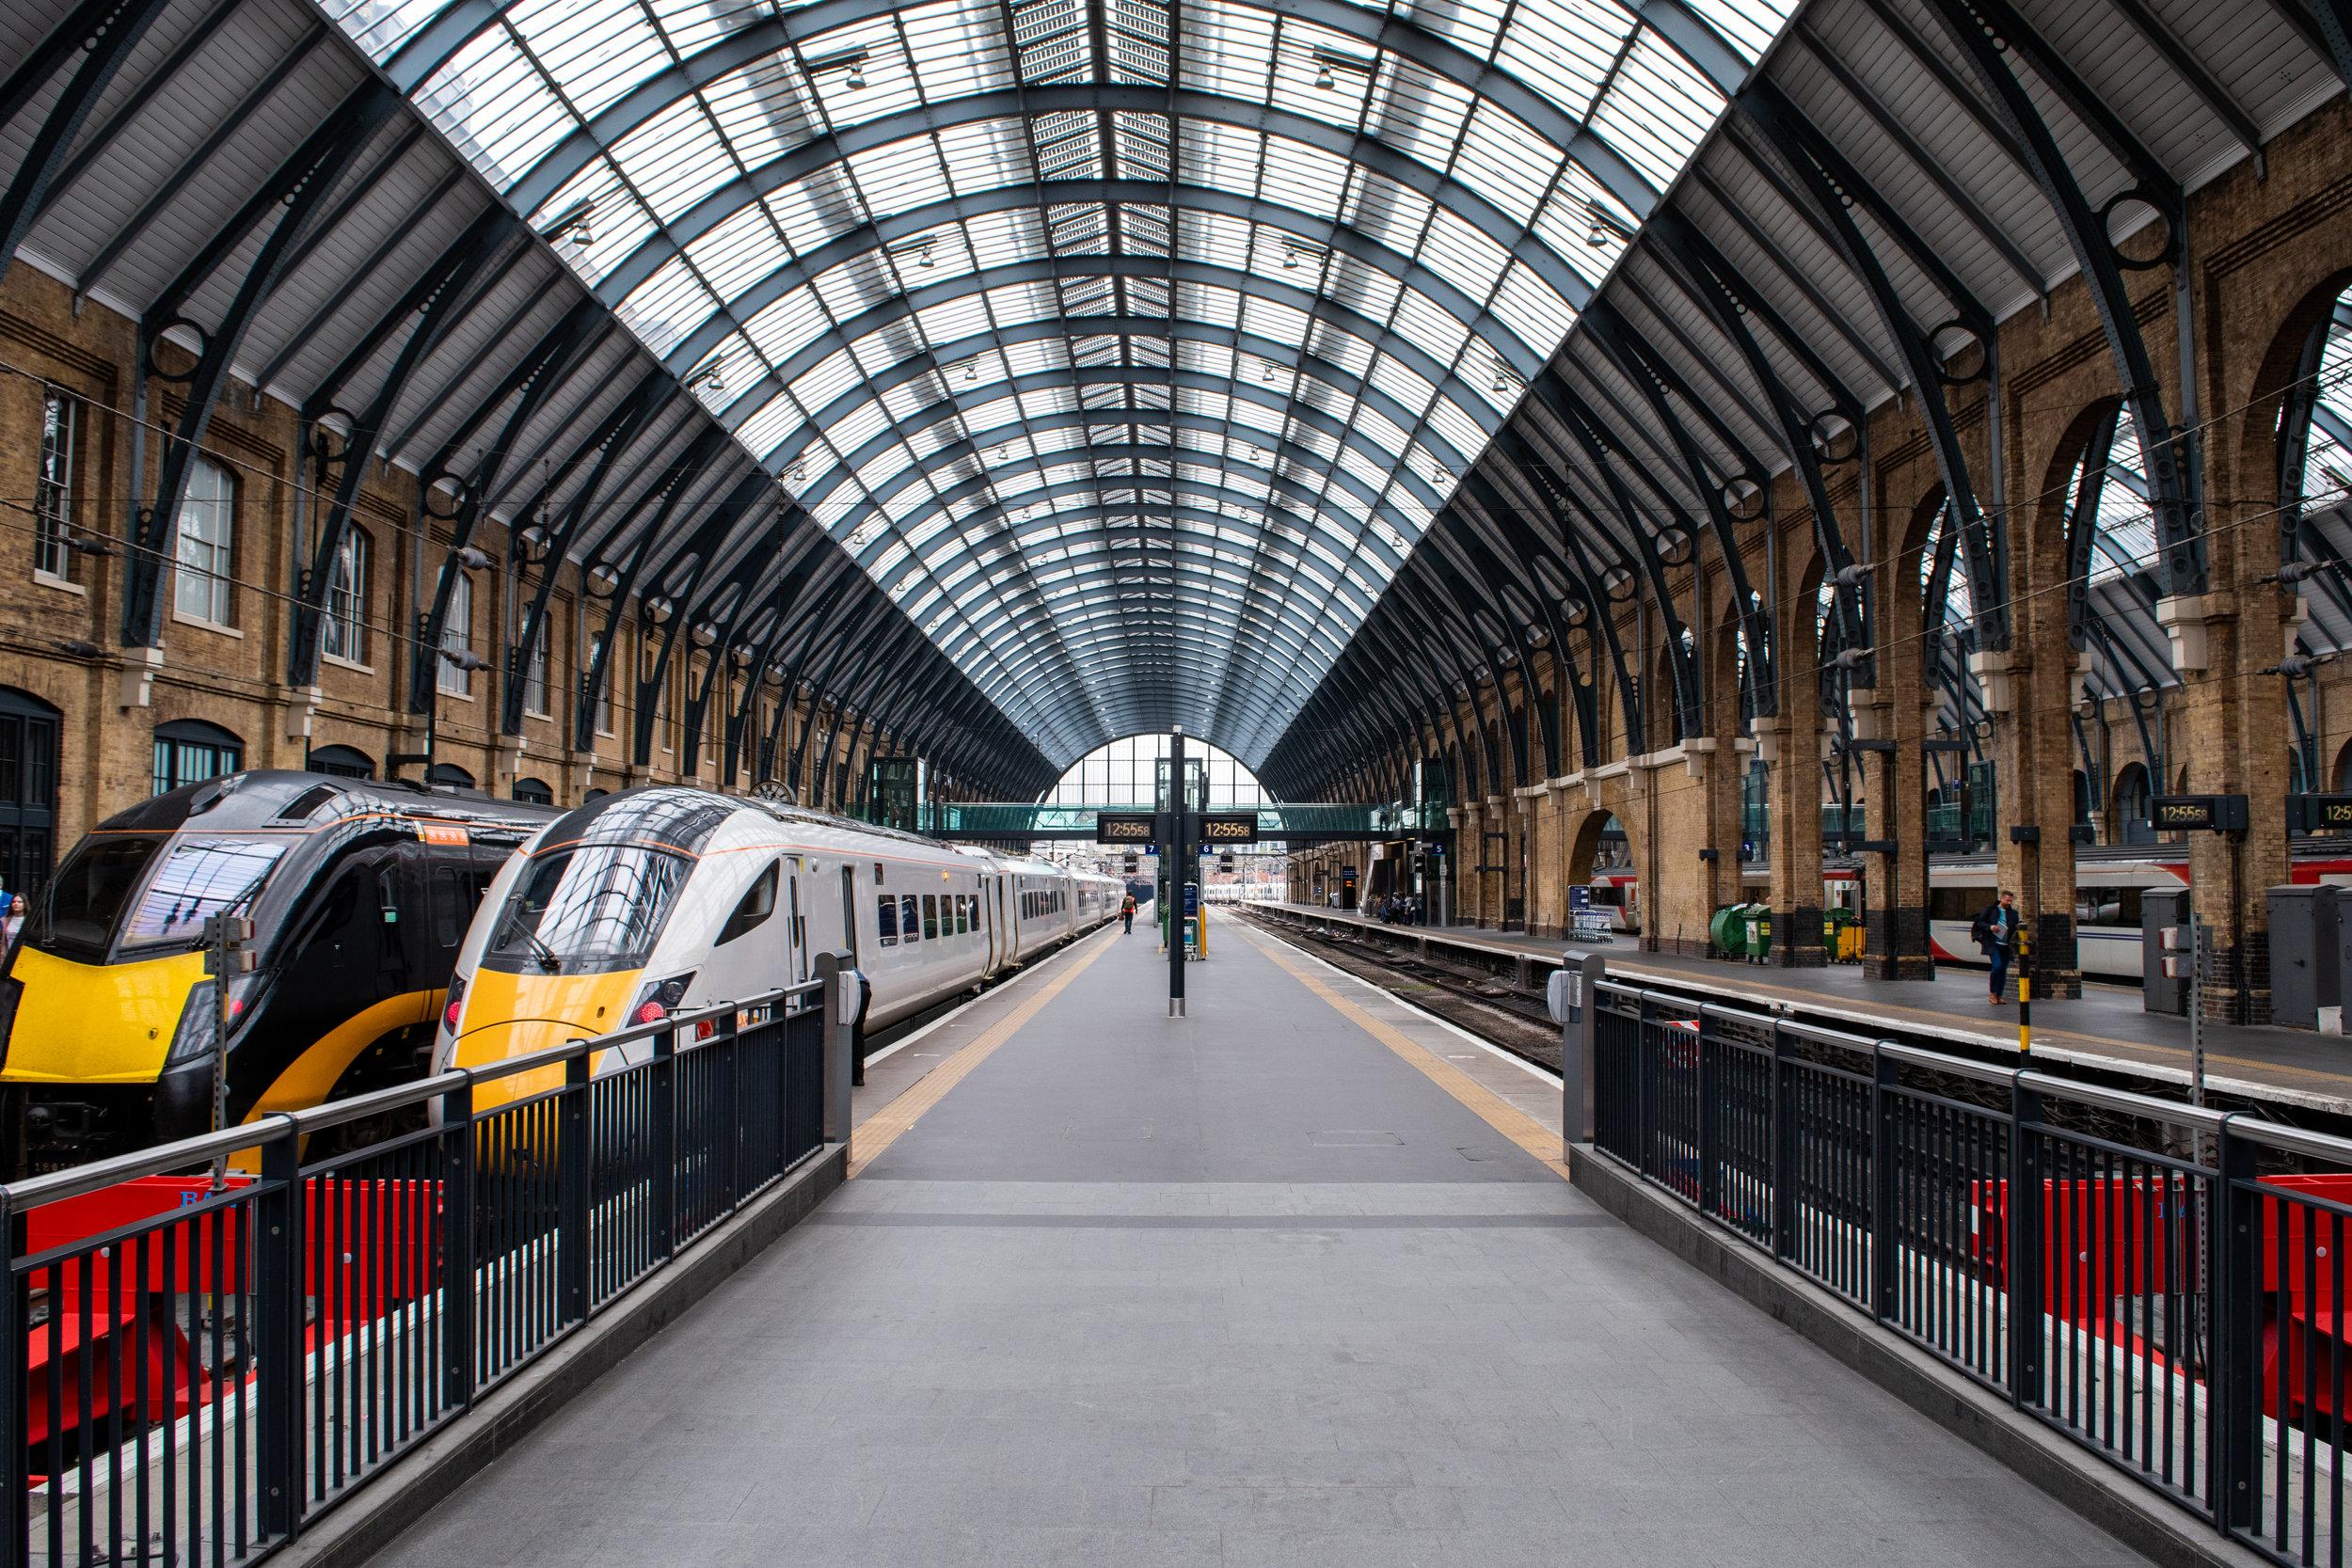 Kings Cross Station - London